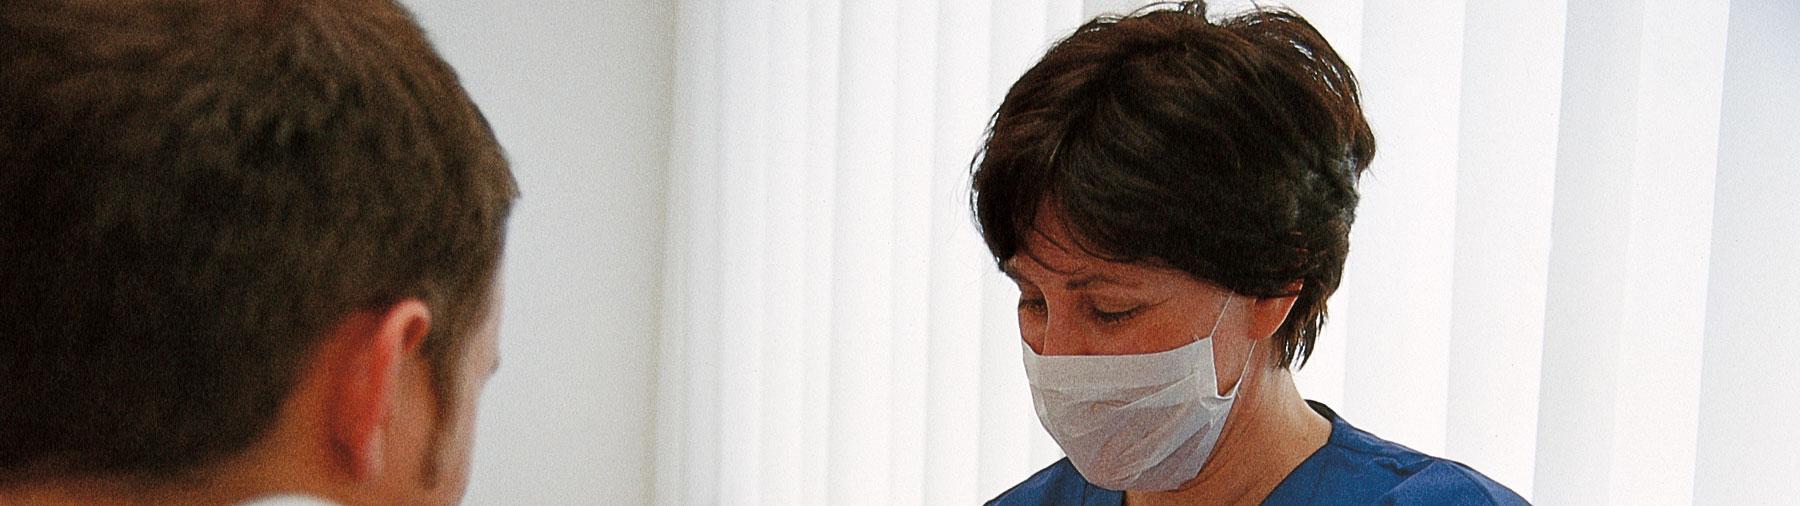 Ästhetik Praxis Zahnarzt Günzburg Behandlung